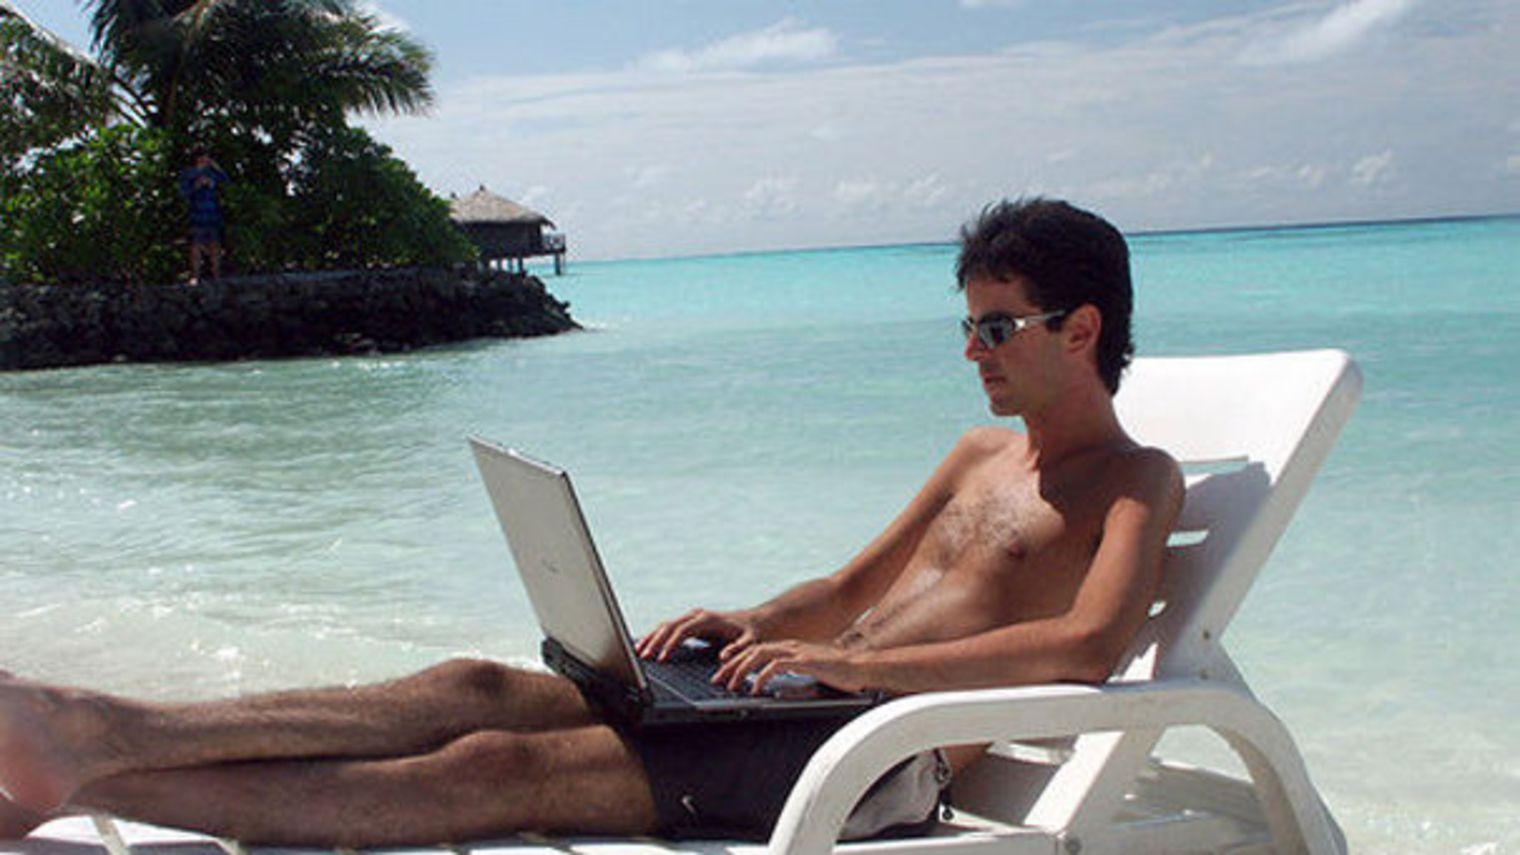 monsieur-ordinateur-transat-plage-vacances_726746